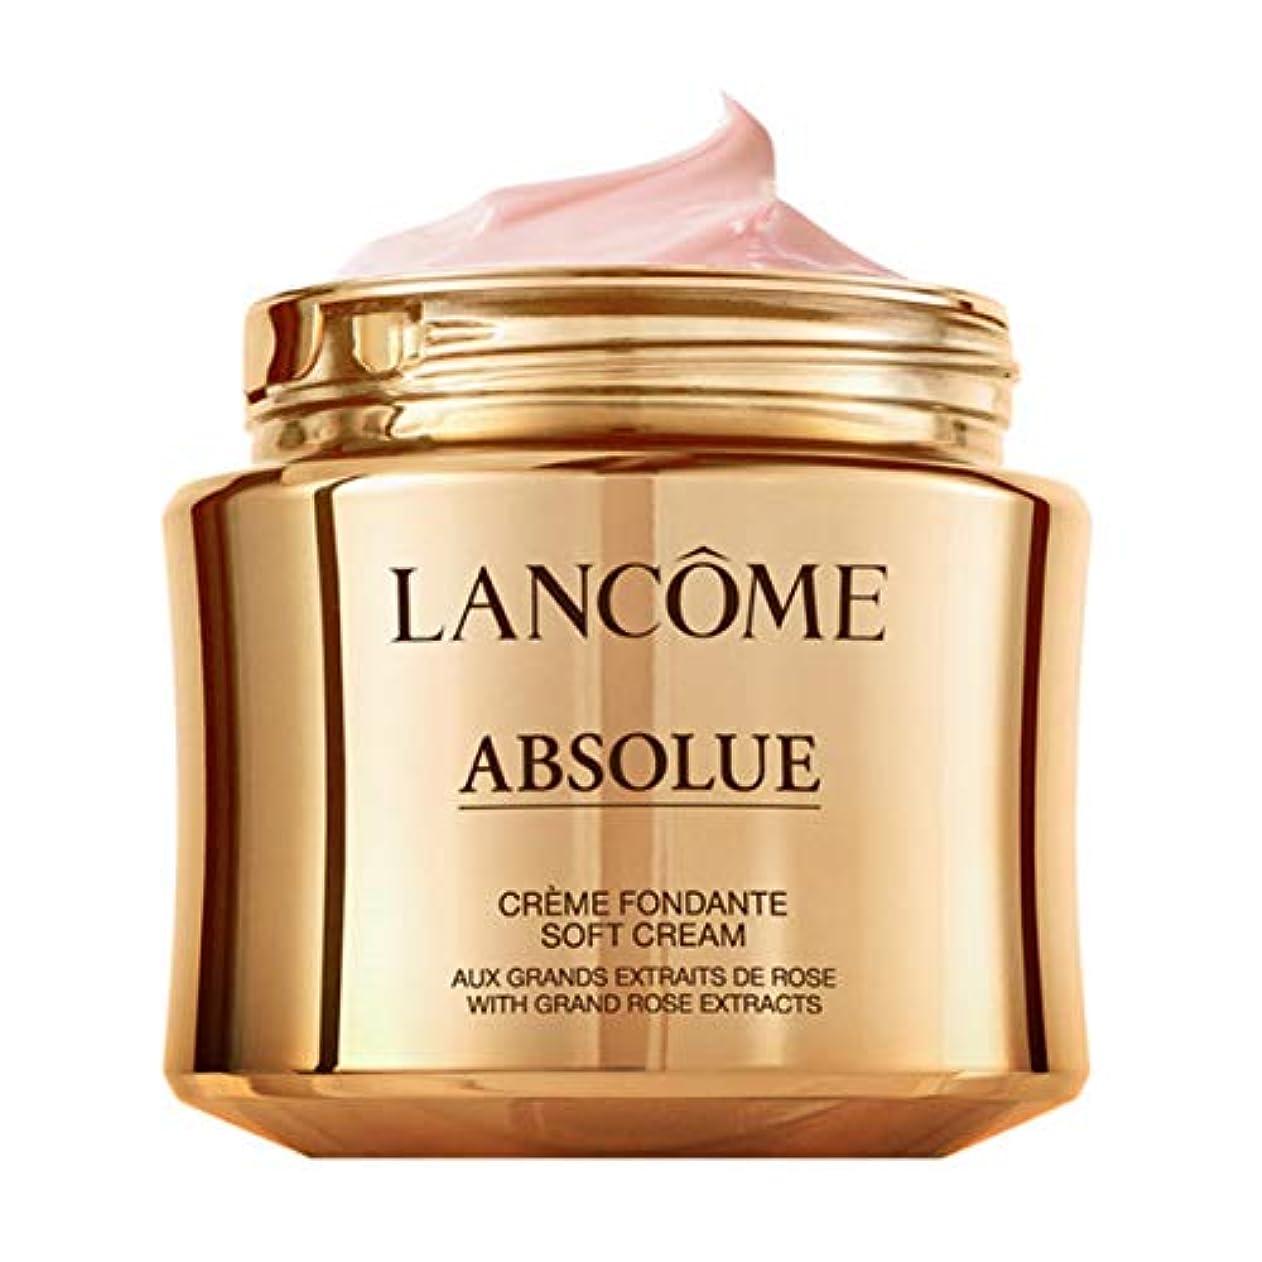 ランコム Absolue Creme Fondante Regenerating Brightening Soft Cream 60ml/2oz並行輸入品